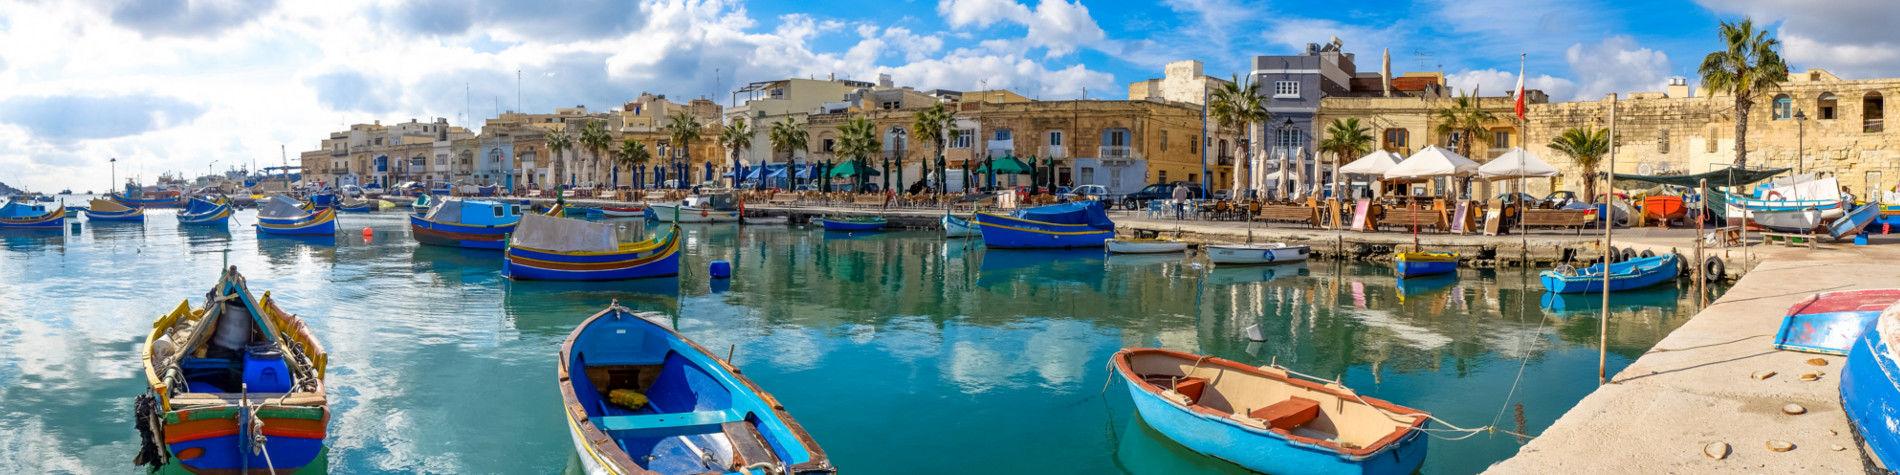 Voyage linguistique : Pourquoi se rendre à Malte ?